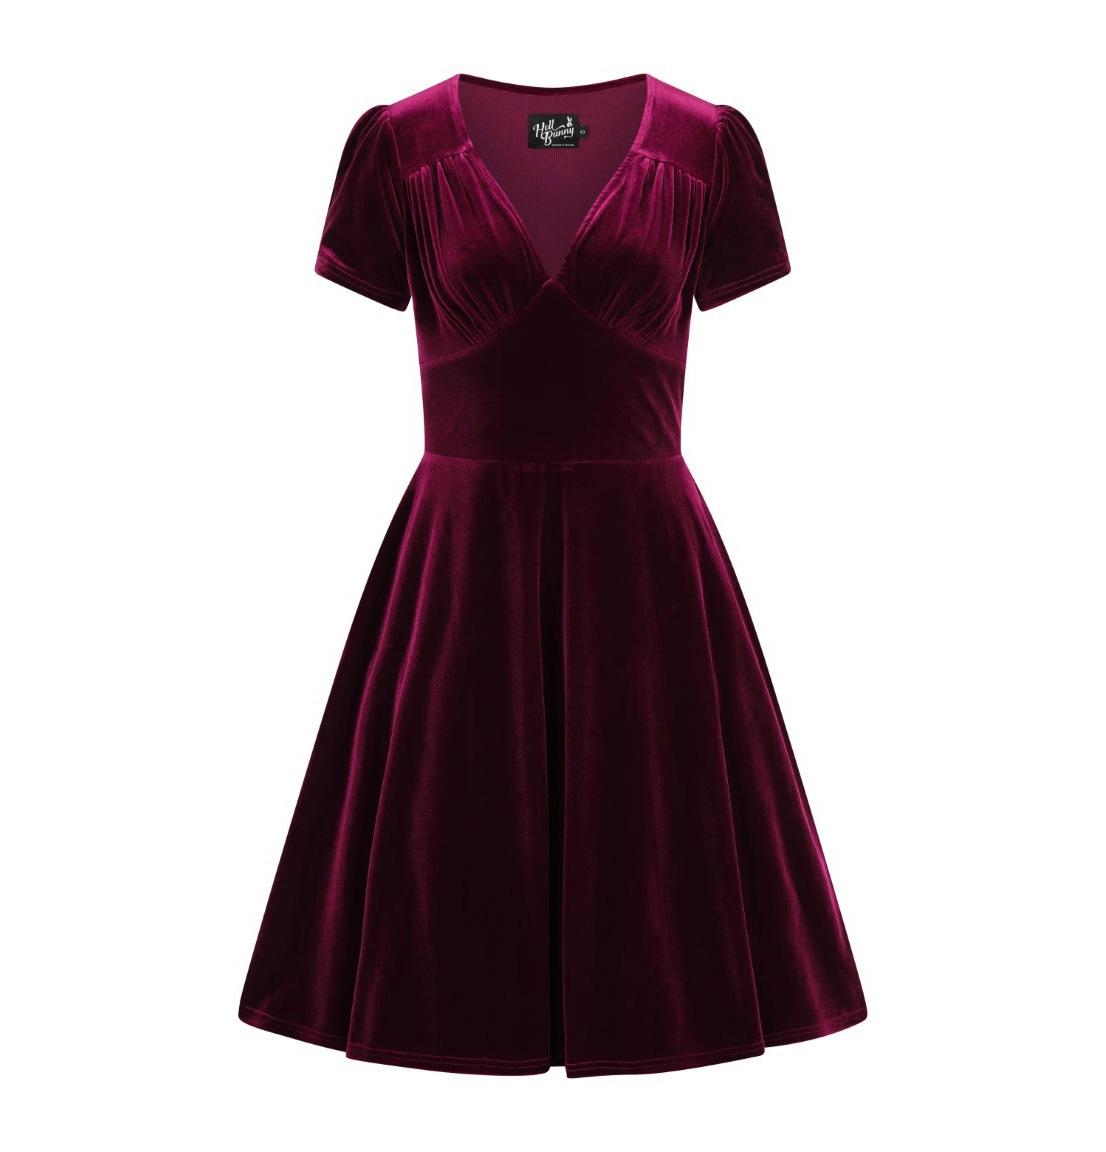 Hell-Bunny-40s-50s-Elegant-Pin-Up-Dress-JOANNE-Crushed-Velvet-Burgundy-All-Sizes thumbnail 5